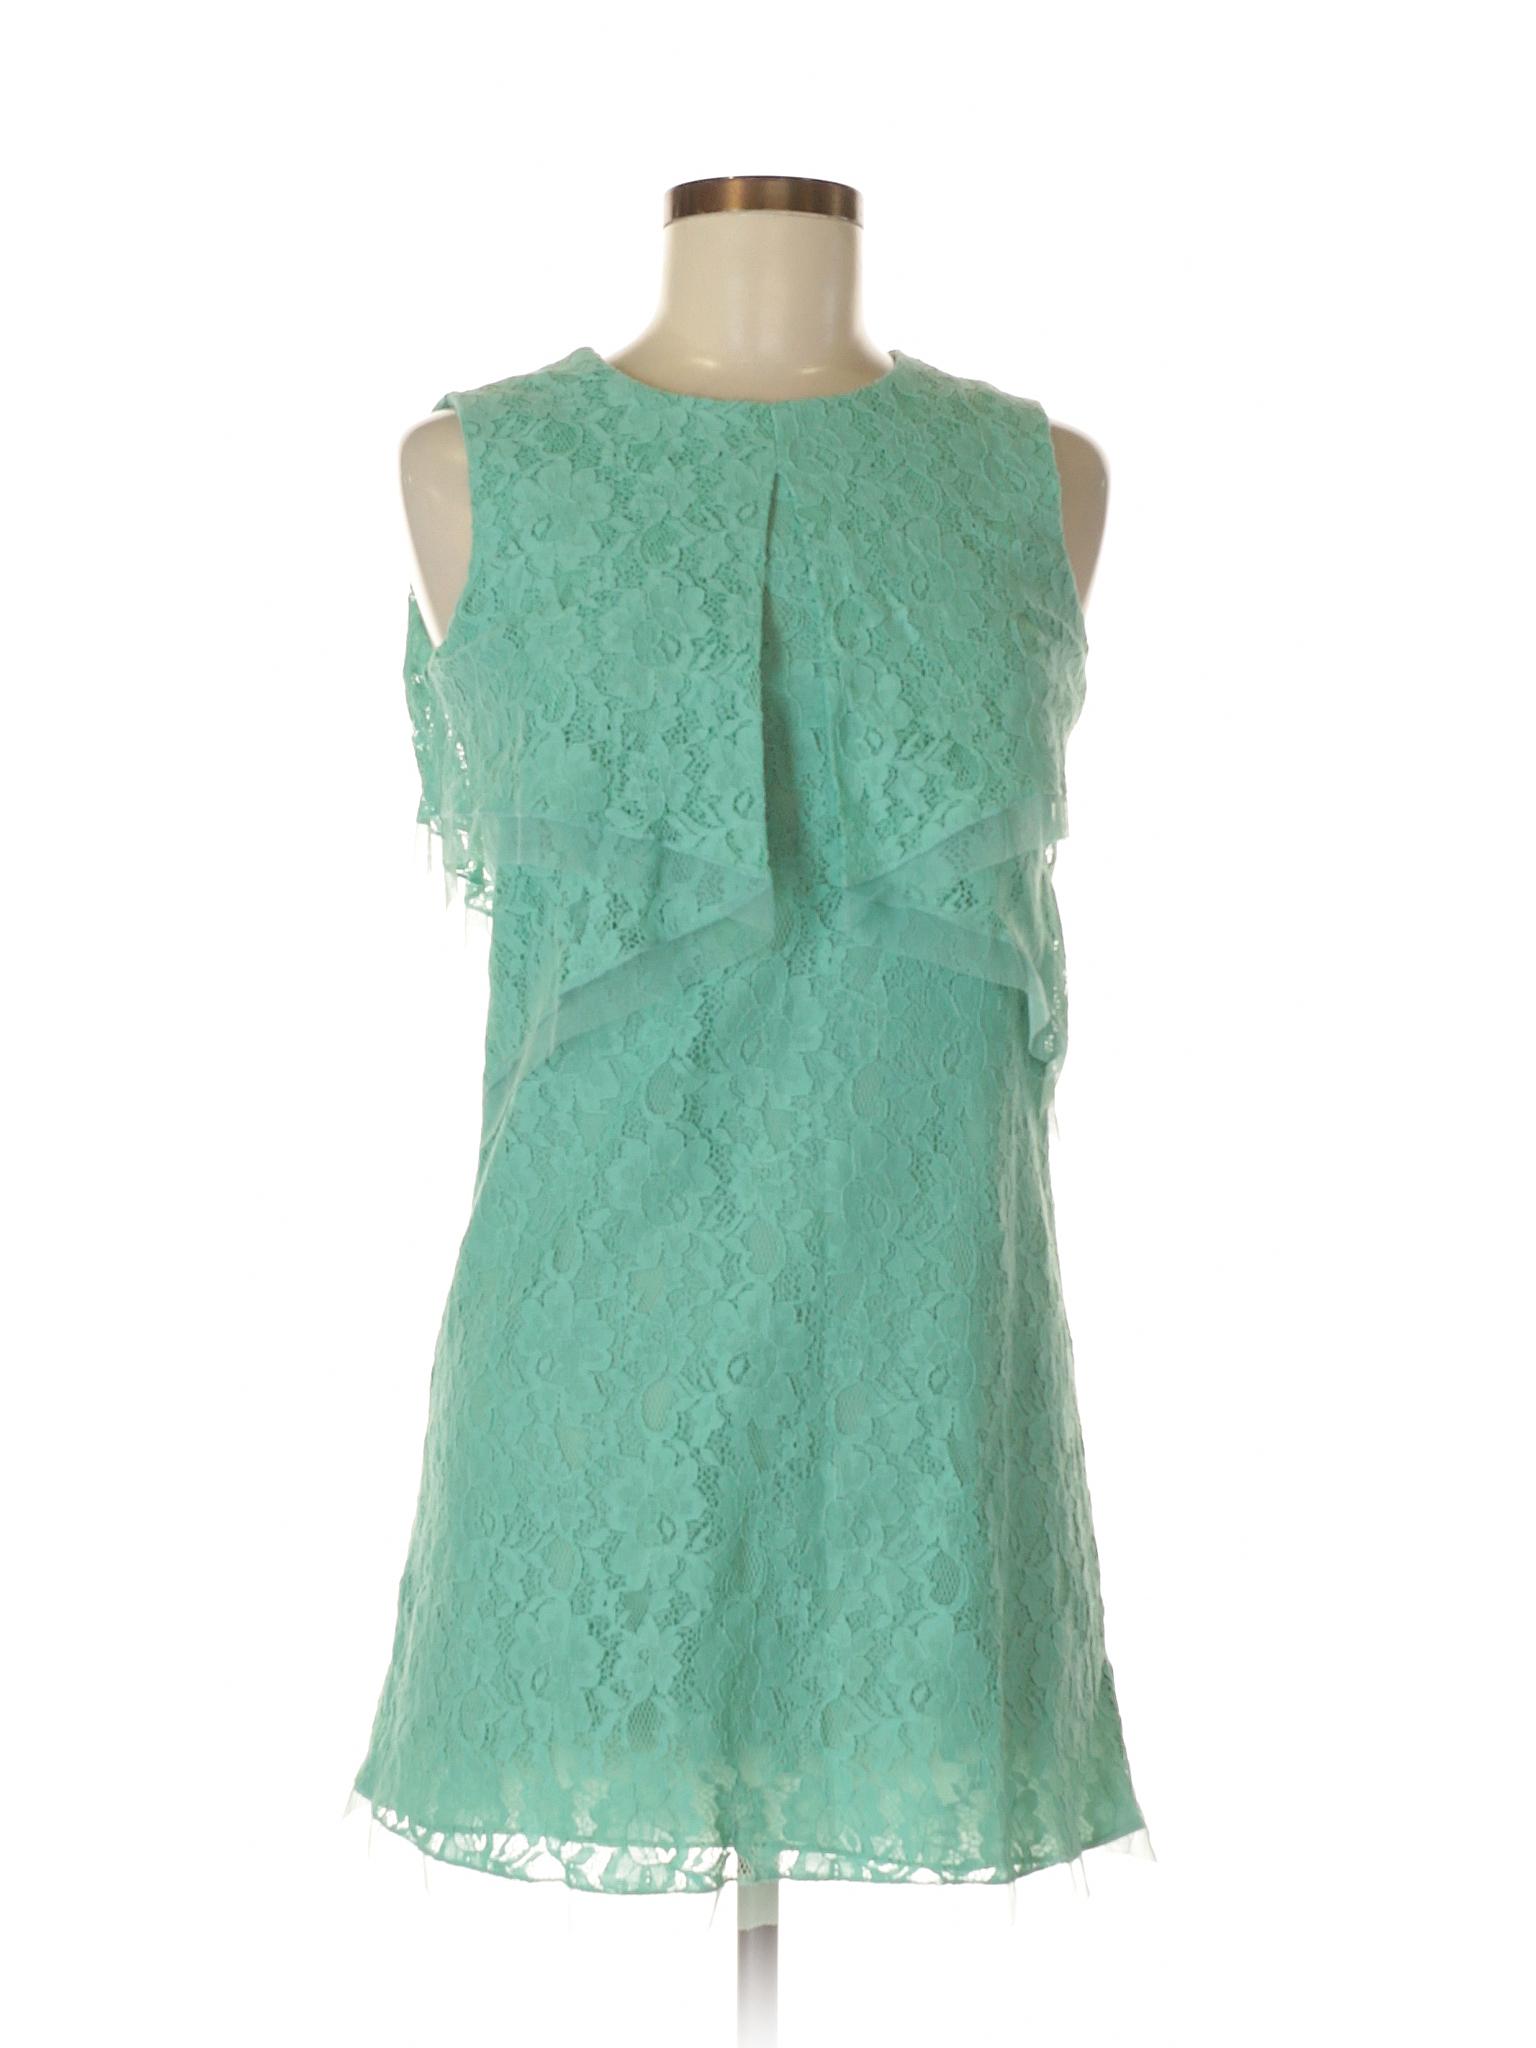 Selling Casual Selling Dress Dress Casual Selling BCBGMAXAZRIA Selling BCBGMAXAZRIA BCBGMAXAZRIA Casual Casual BCBGMAXAZRIA Dress Dress Selling xIx6wYS